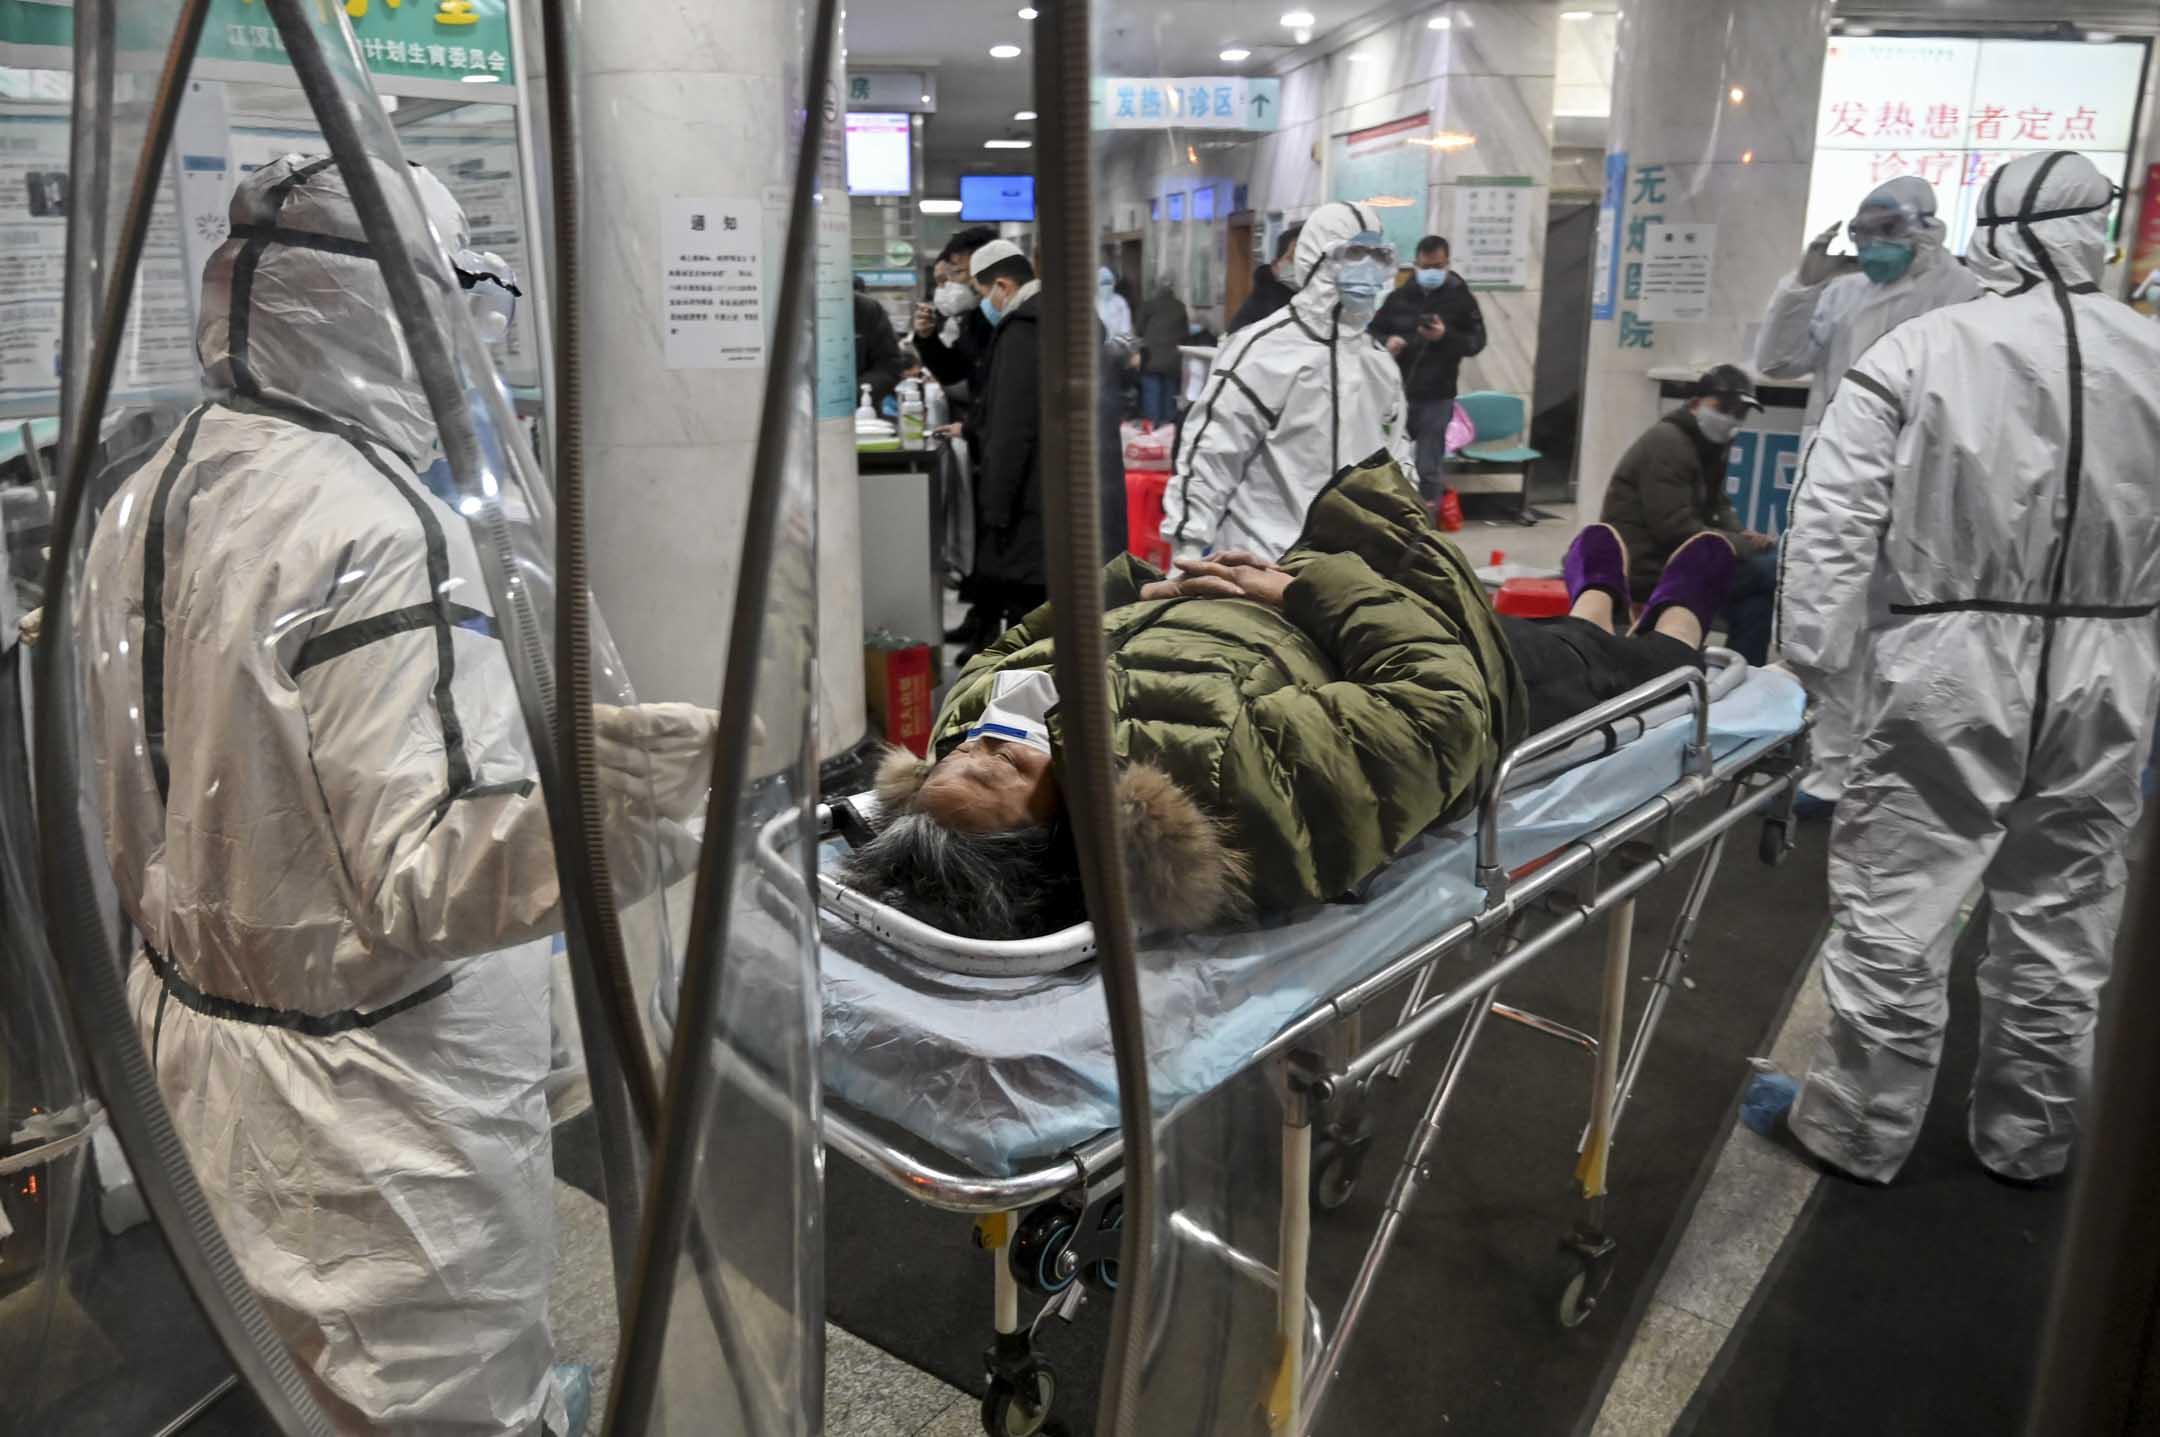 2020年1月25日,一名病人到達武漢市紅十字會醫院,由穿上防護衣的醫務人員帶進醫院。 攝:Hector Retamal/AFP via Getty Images